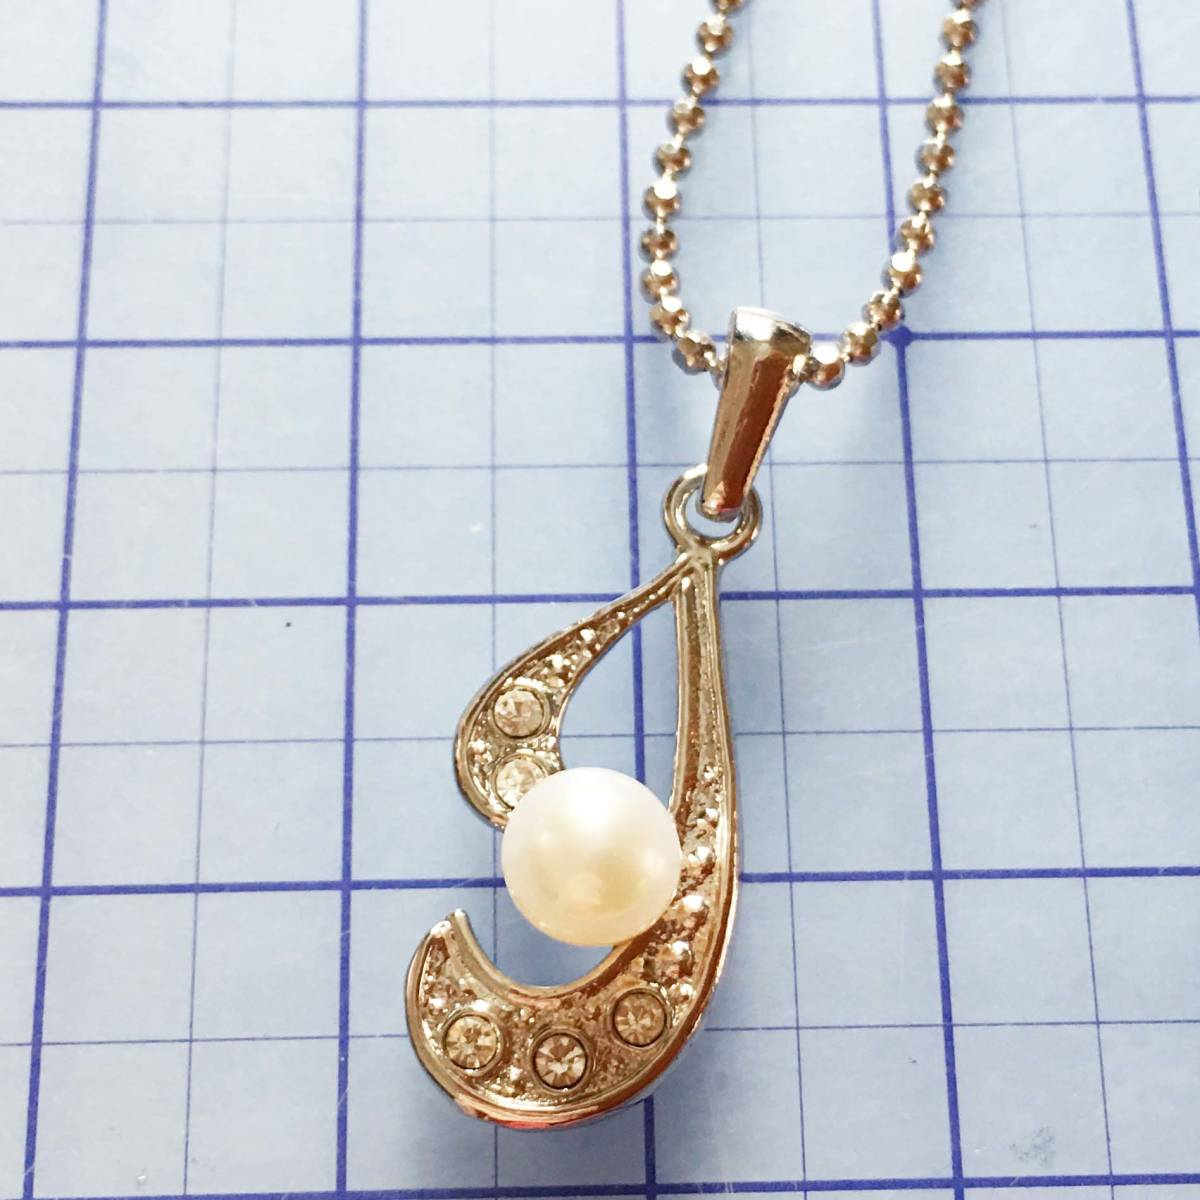 美品 天然真珠パール 銀色ネックレス NO.4658